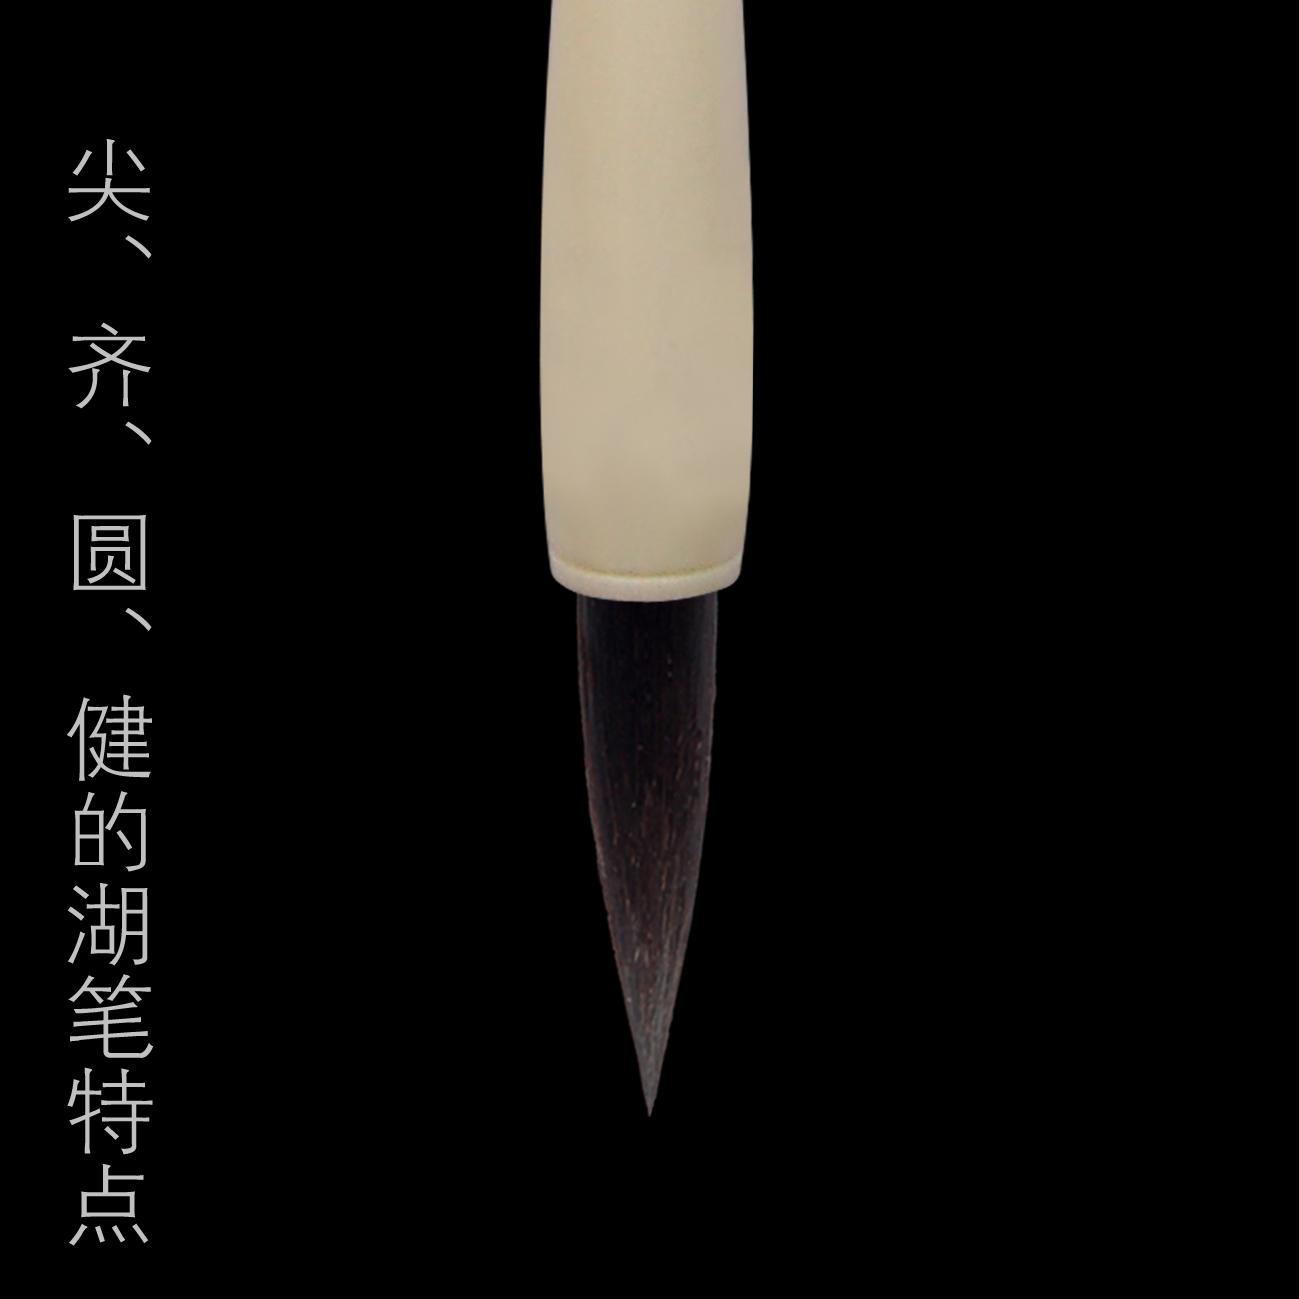 大福爱婴景泰蓝驼骨雕龙胎毛笔制作胎发笔定做头发纪念品顺丰包邮